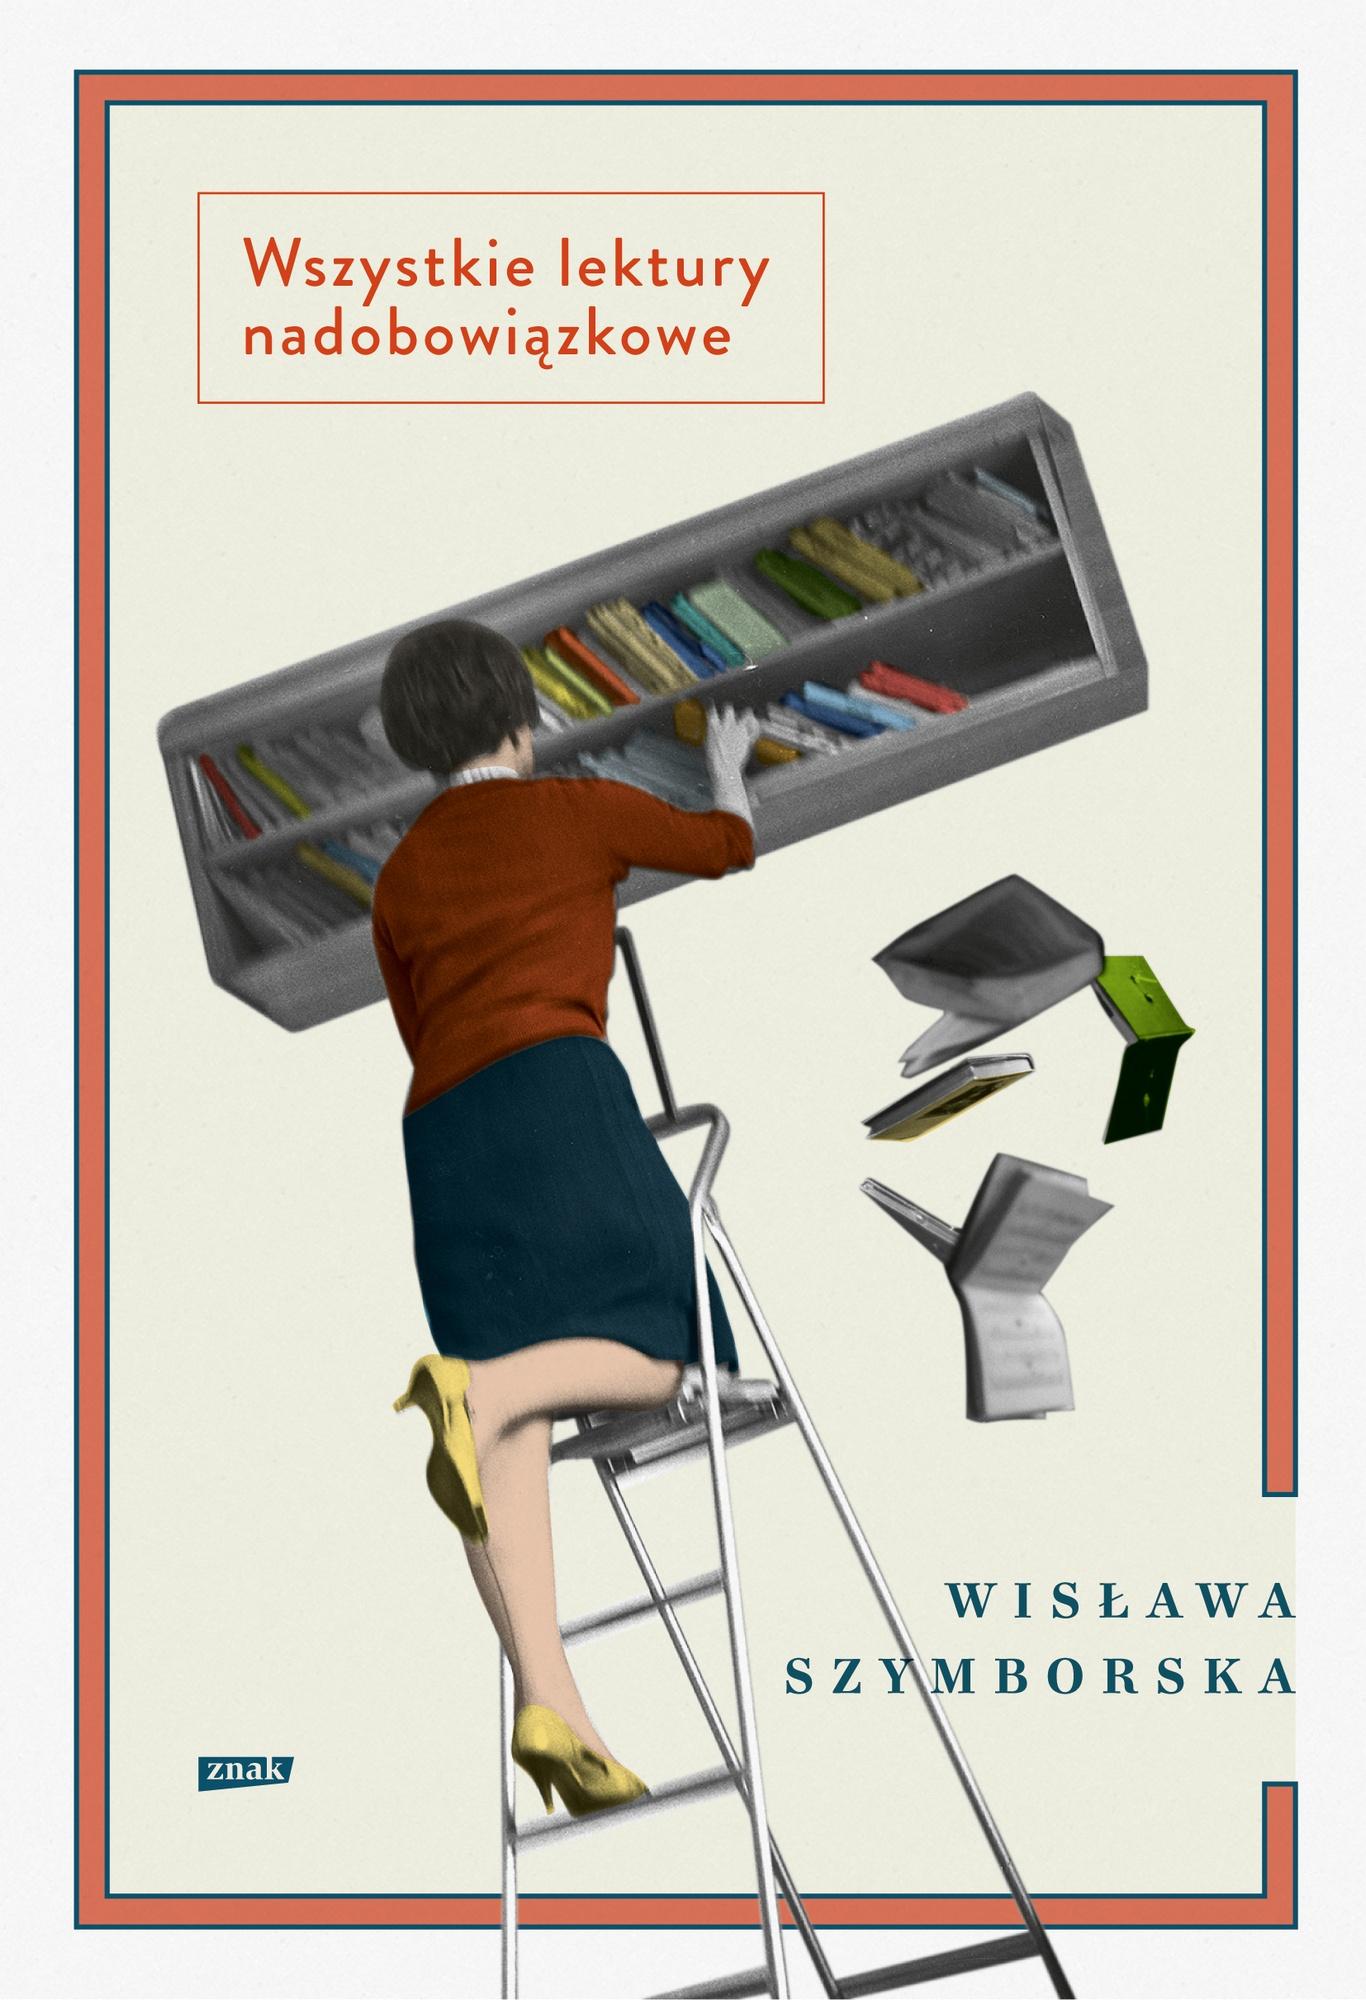 """Wisława Szymborska, """"Wszystkie lektury nadobowiązkowe"""" – okładka (źródło: materiały prasowe wydawcy)"""